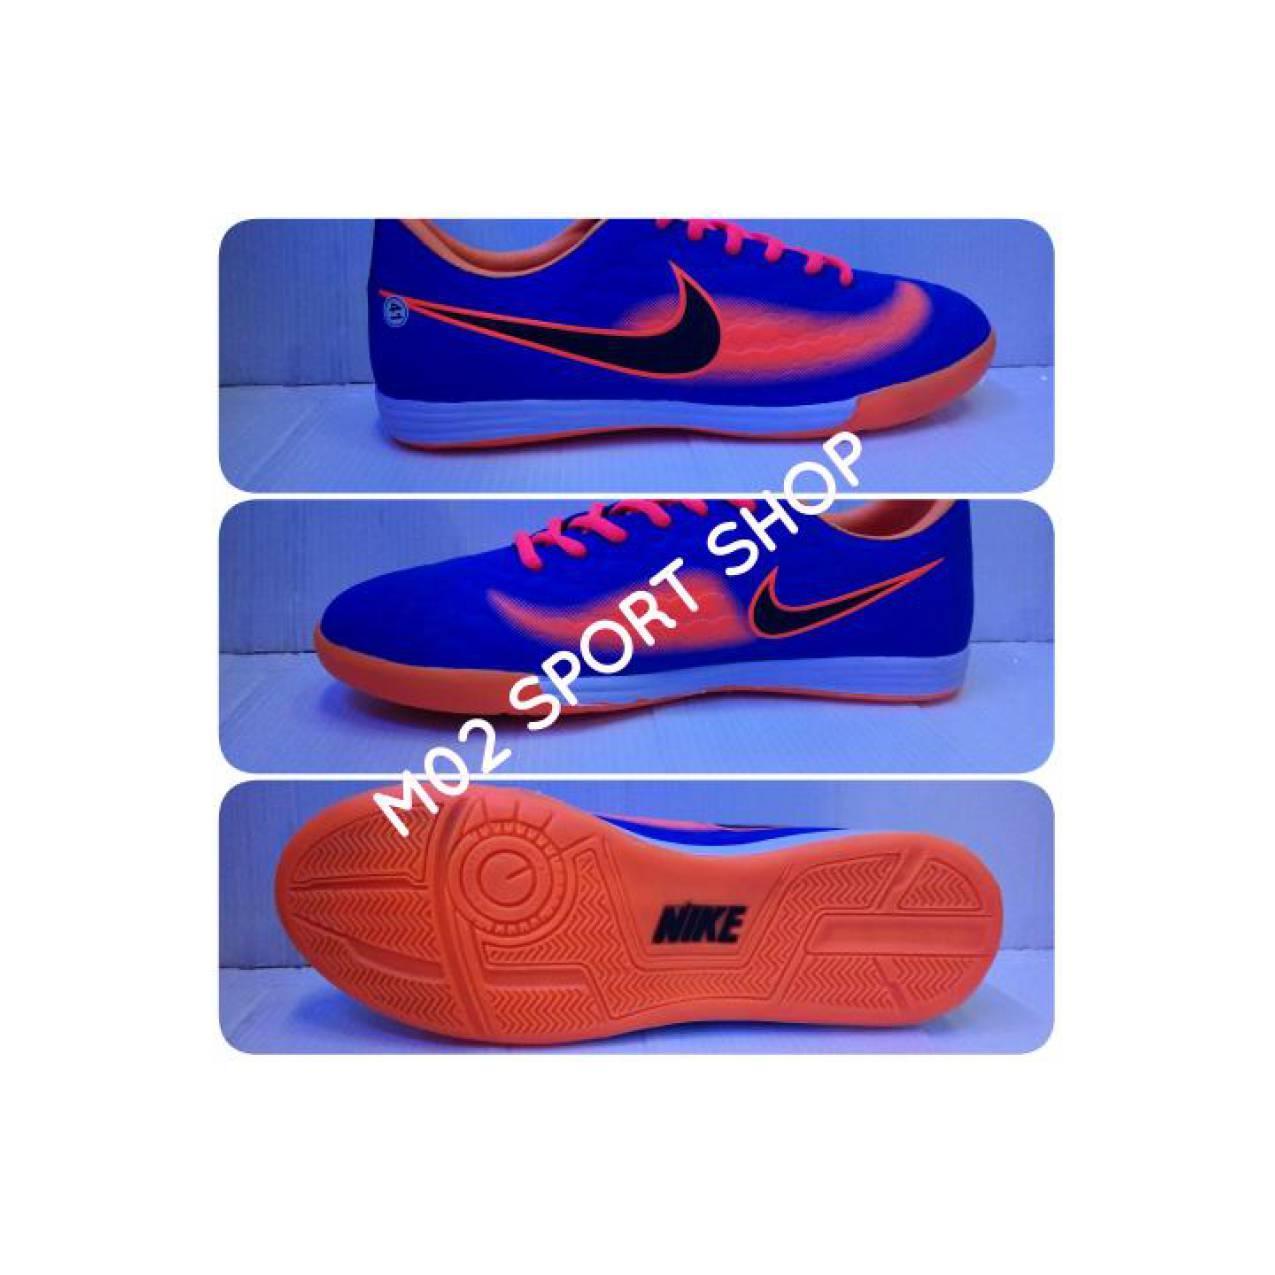 Sepatu futsal nike magista biru kombinasi orange list hitam sol karet